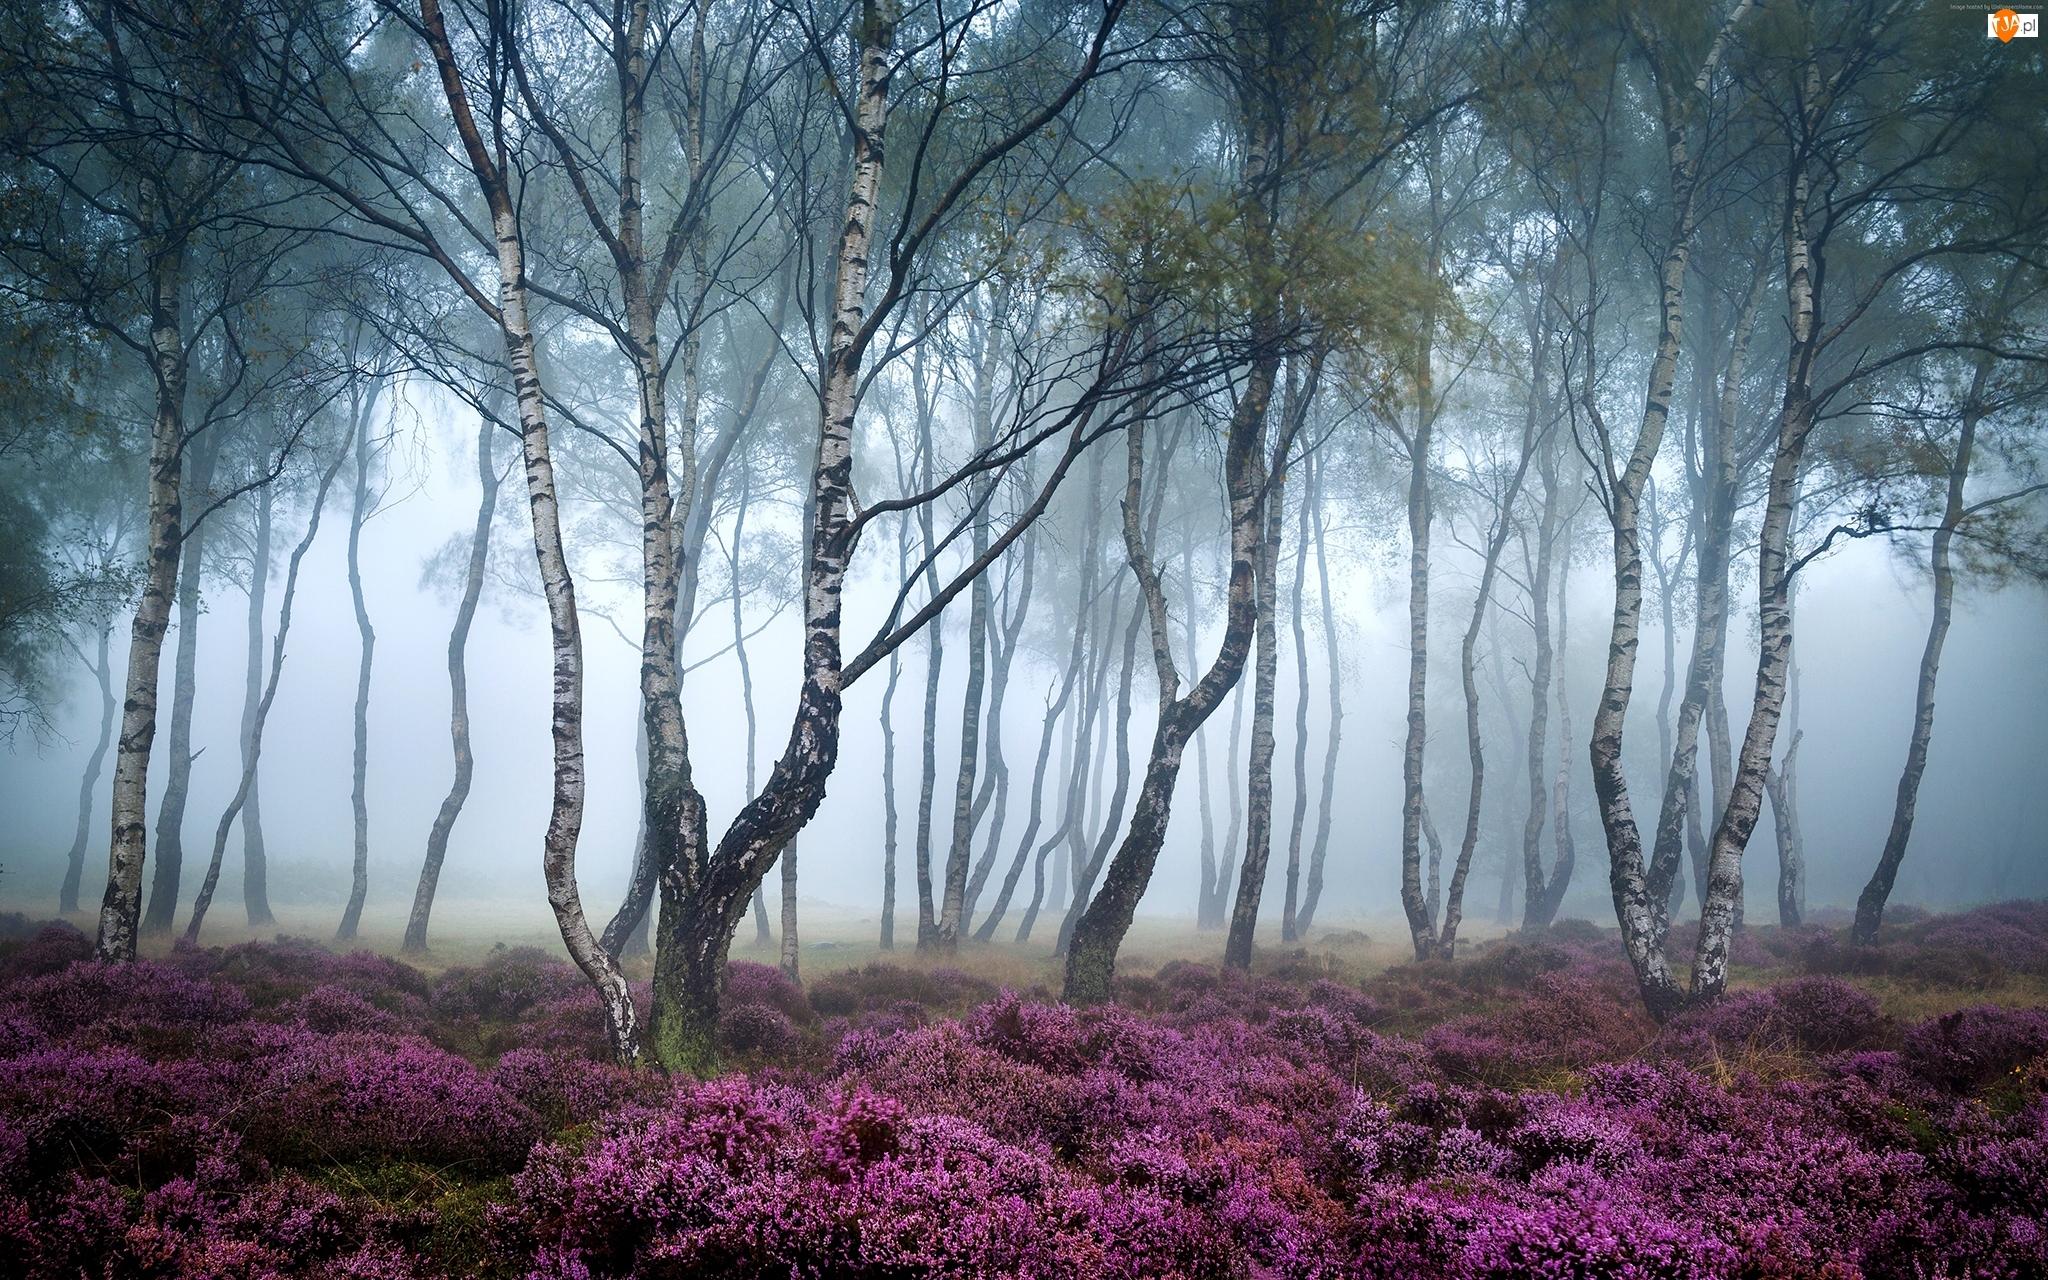 Wrzosowisko, Park Narodowy Peak District, Brzozy, Las, Drzewa, Stanton Moor, Jesień, Anglia, Mgła